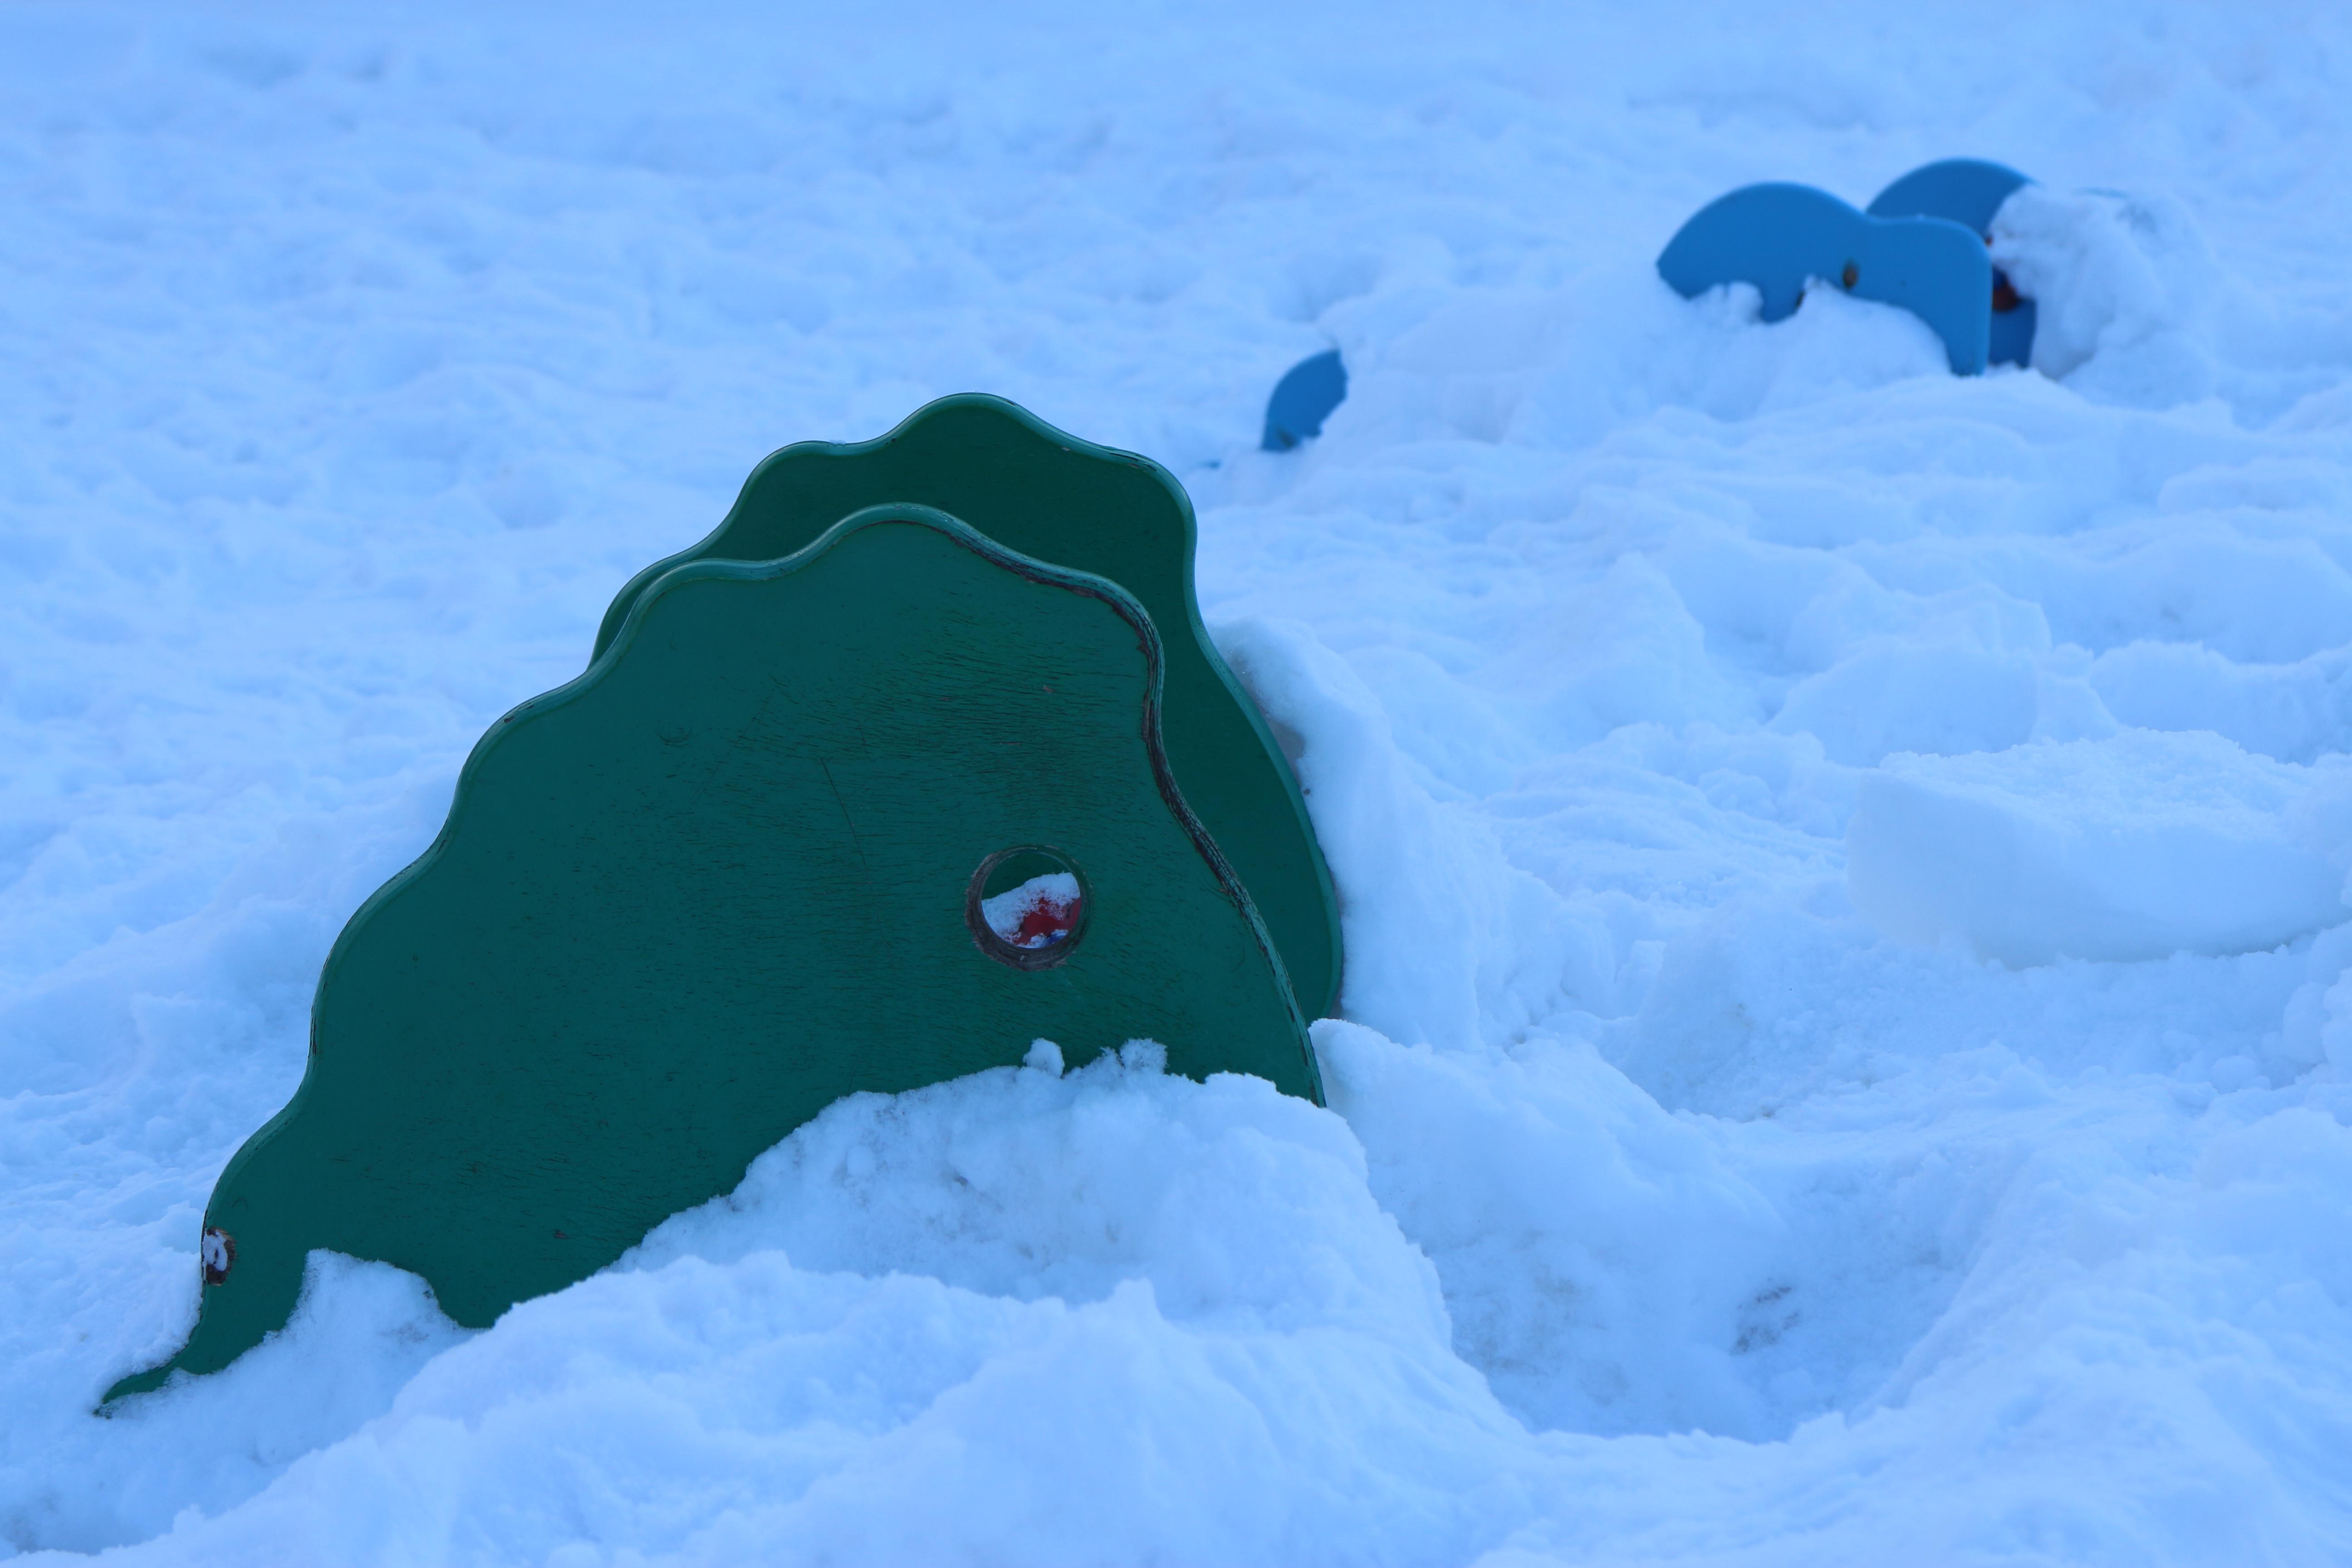 冬の公園は雪捨て場になるので、遊具はこんなふうに埋もれてしまう。EOS M / EF-M 18-55mm F3.5-5.6 IS STM / 5,184×3,456 / 1/100秒 / F7.1 / 0.3EV / ISO100 / WB:オート / 55mm(88mm相当)